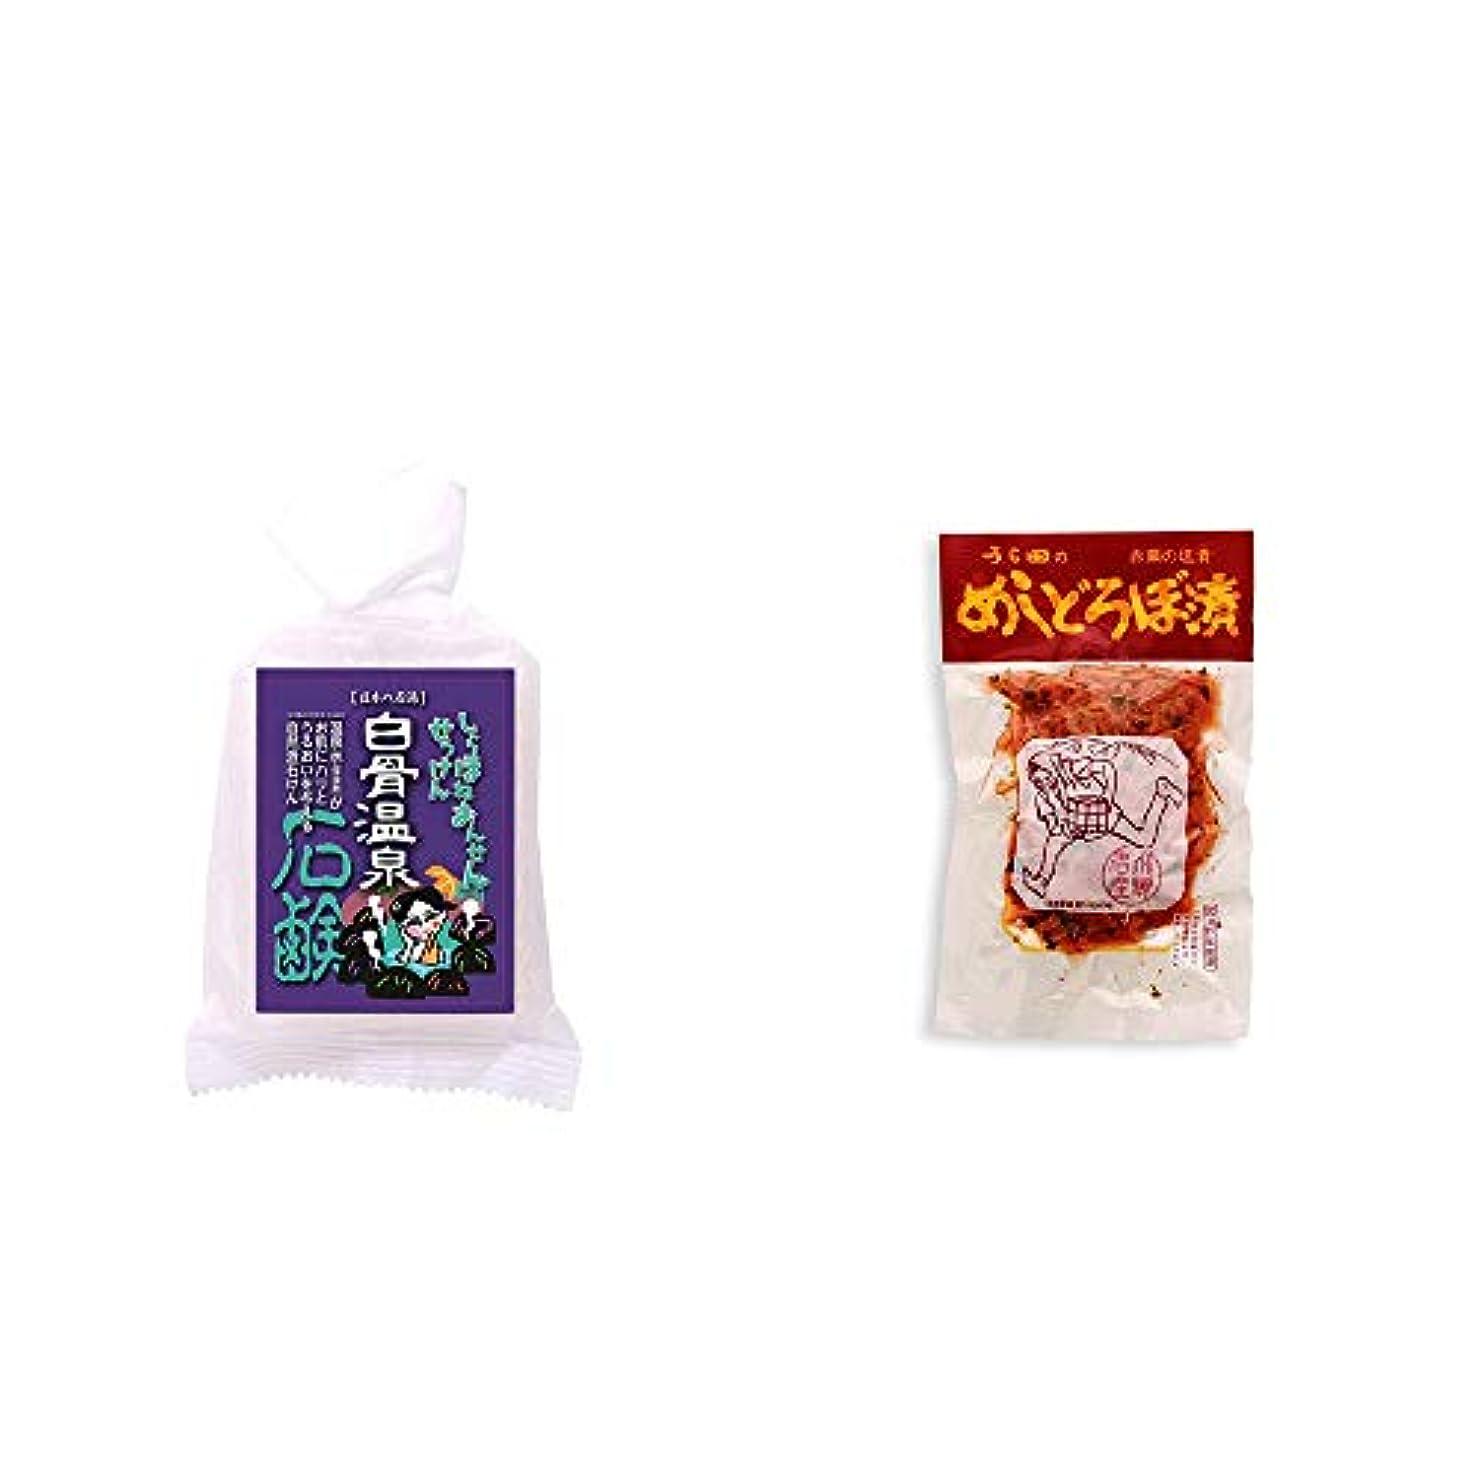 戸口主メイト[2点セット] 信州 白骨温泉石鹸(80g)?うら田 めしどろぼ漬(180g)